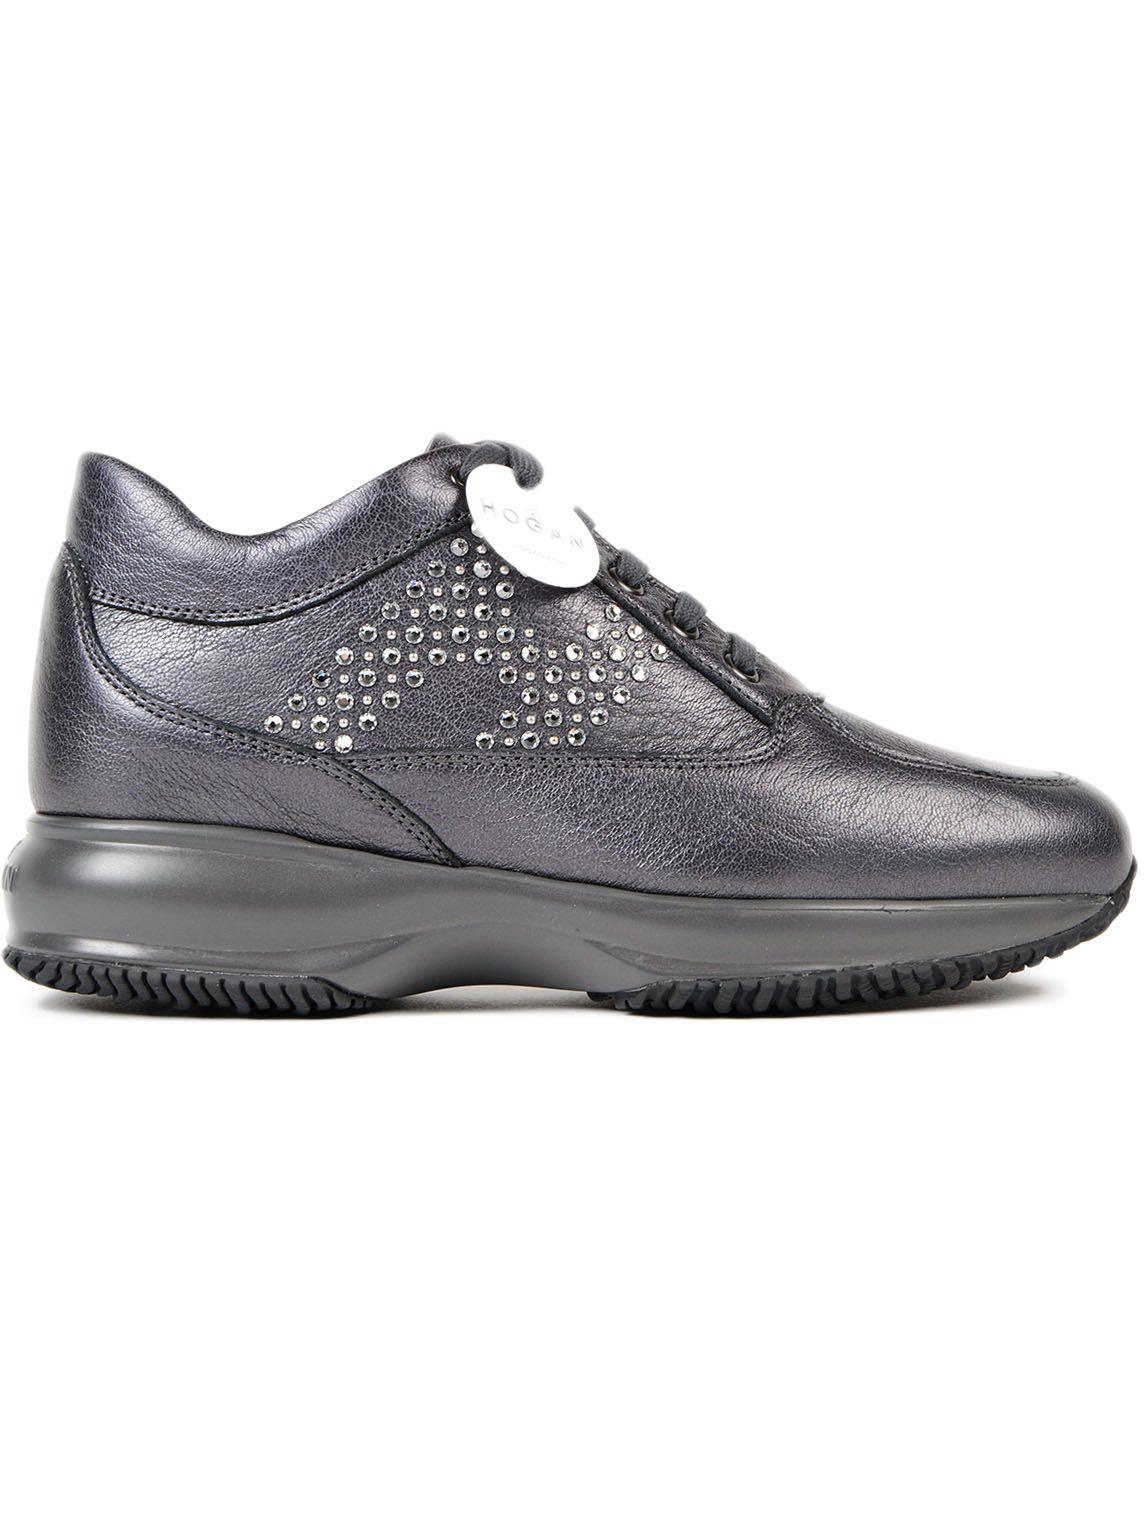 Hogan Crystal Embellished Sneakers